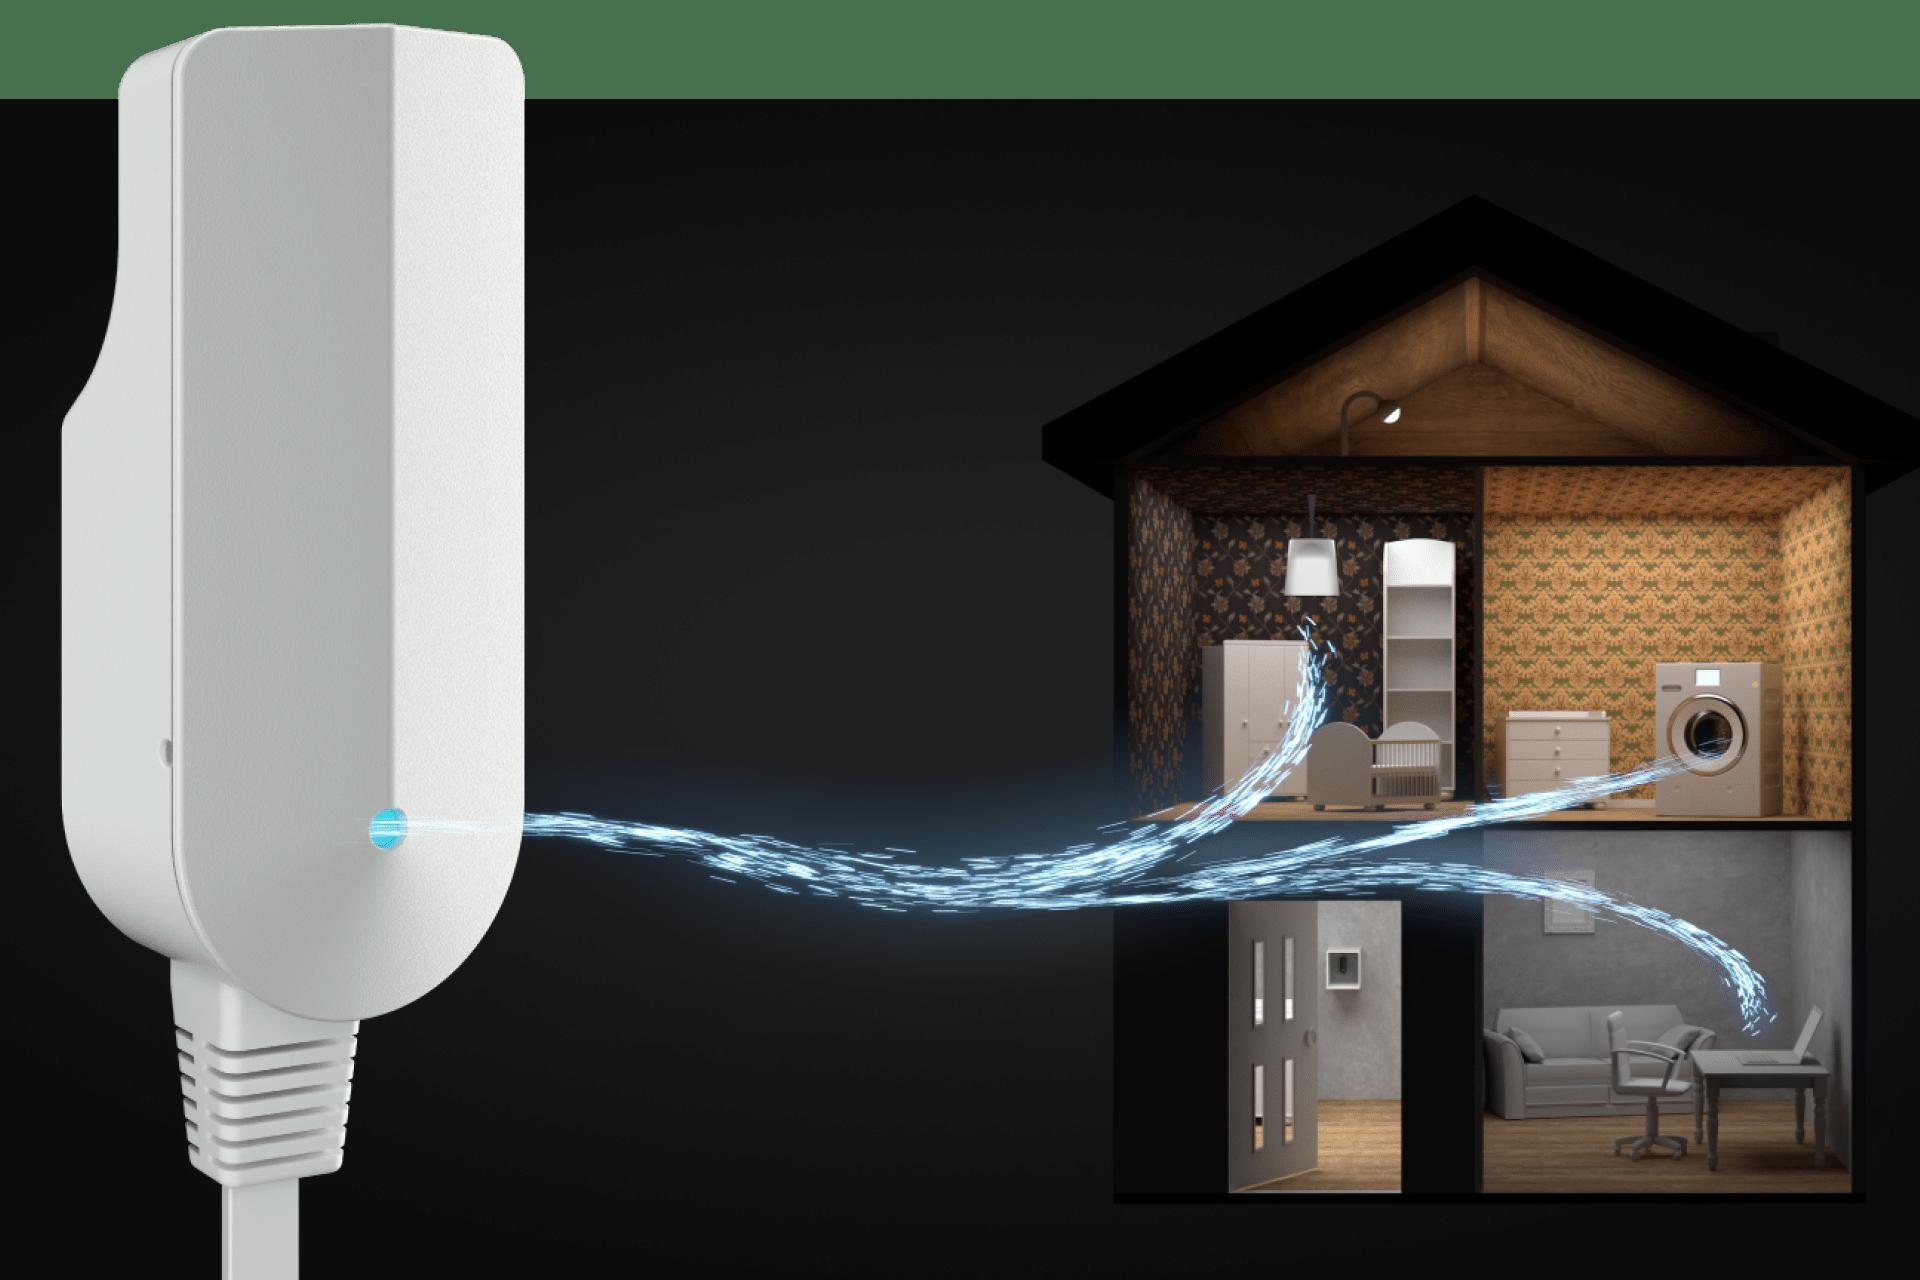 Tibber Pulse overvåker strømforbruket i hjemmet